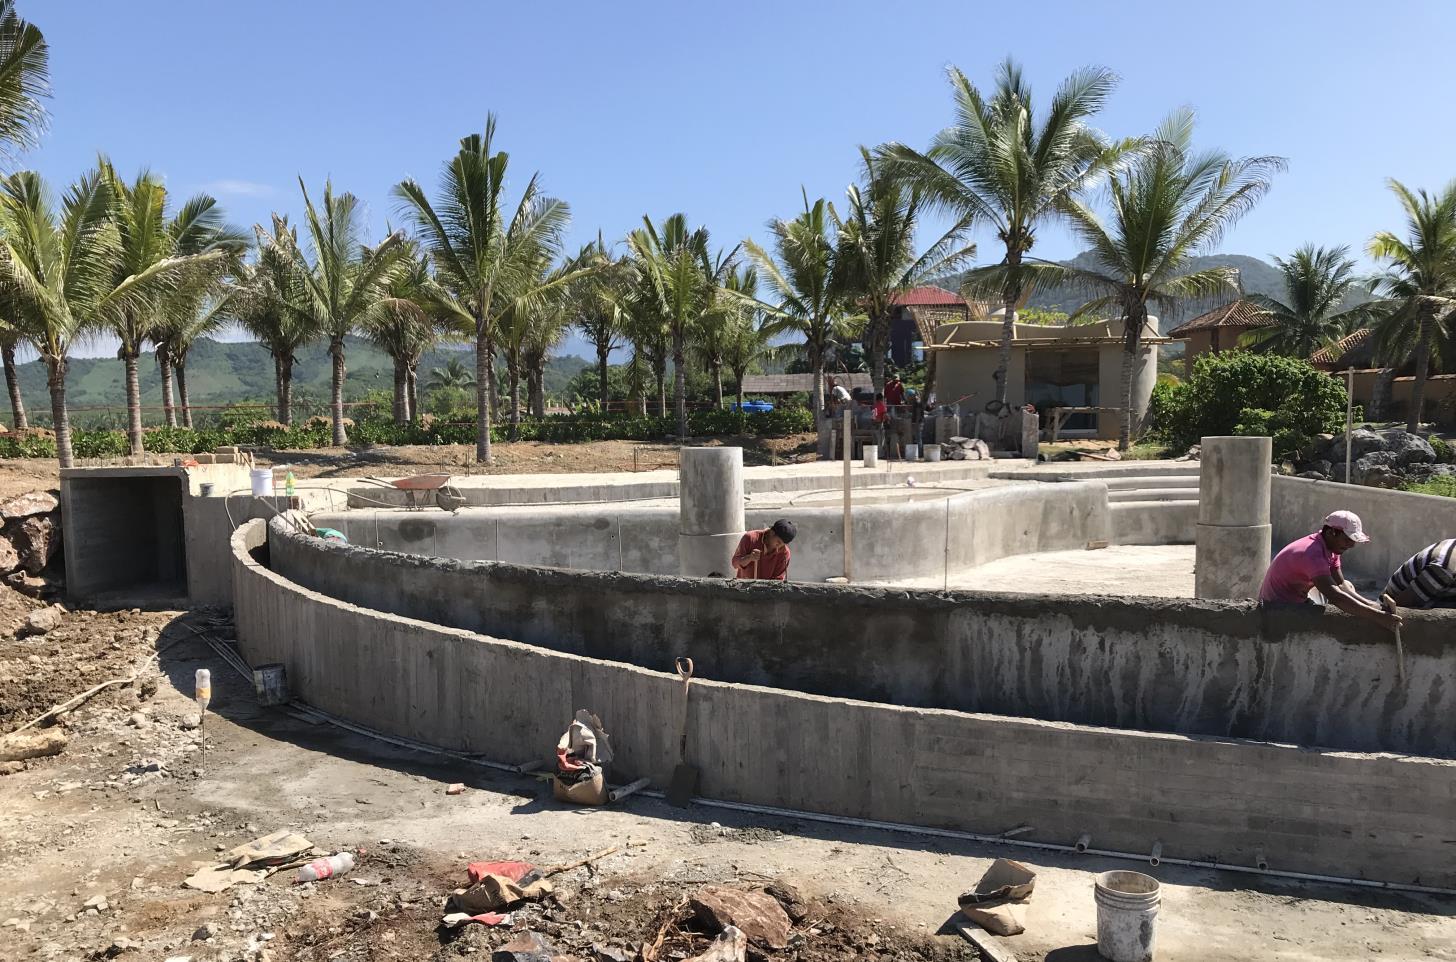 REPORTE-FOTOGRAFICO-PUNTA-MAJAHUA-15-DE-OCTUBRE-DEL-2017-023.jpg